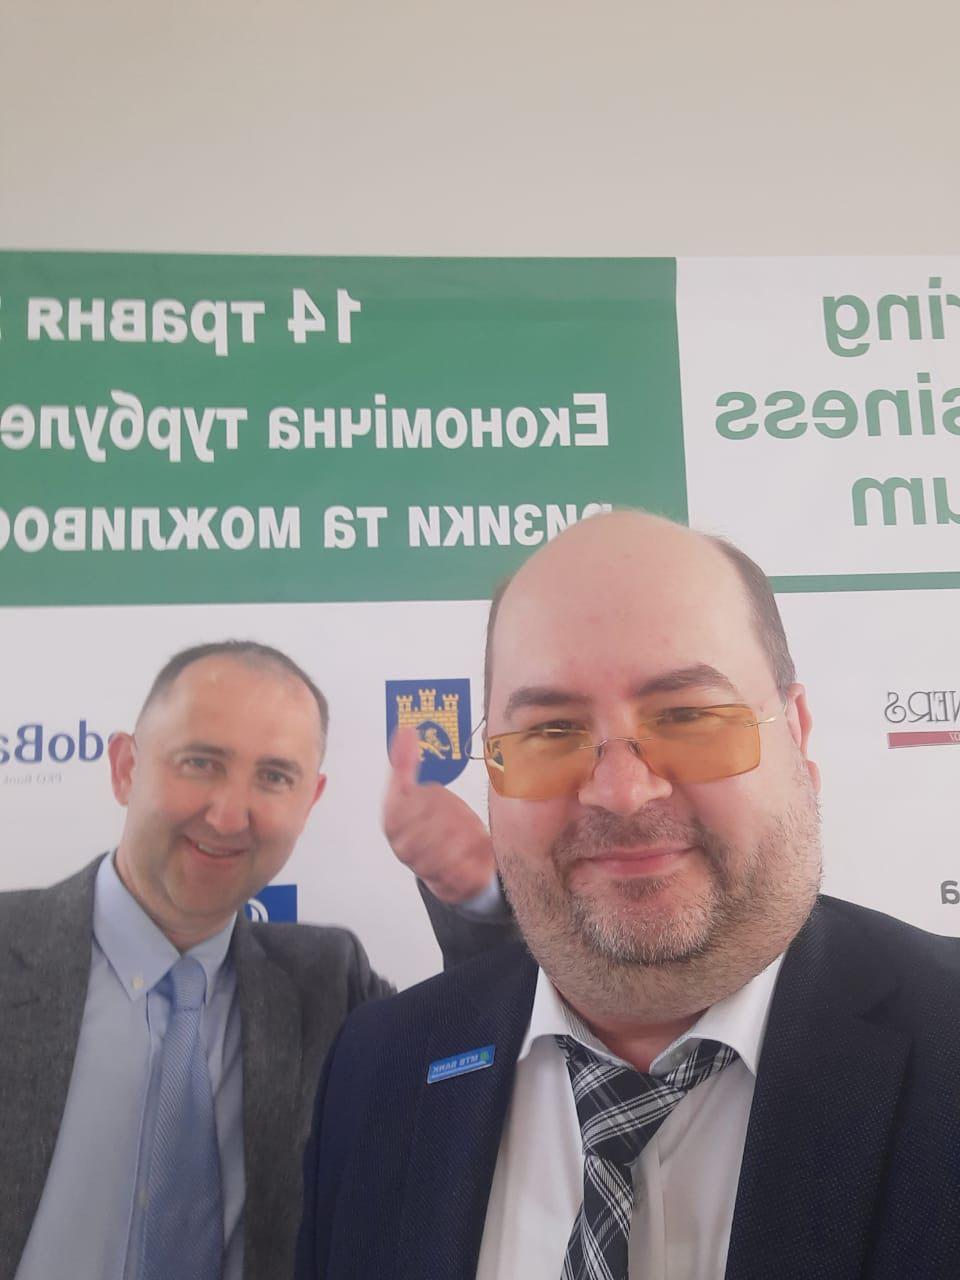 Дмитро Ткаченко: «МТБ БАНК - це завжди гнучкий підхід до потреб клієнтів і сучасні digital-рішення» - фото 3 - mtb.ua